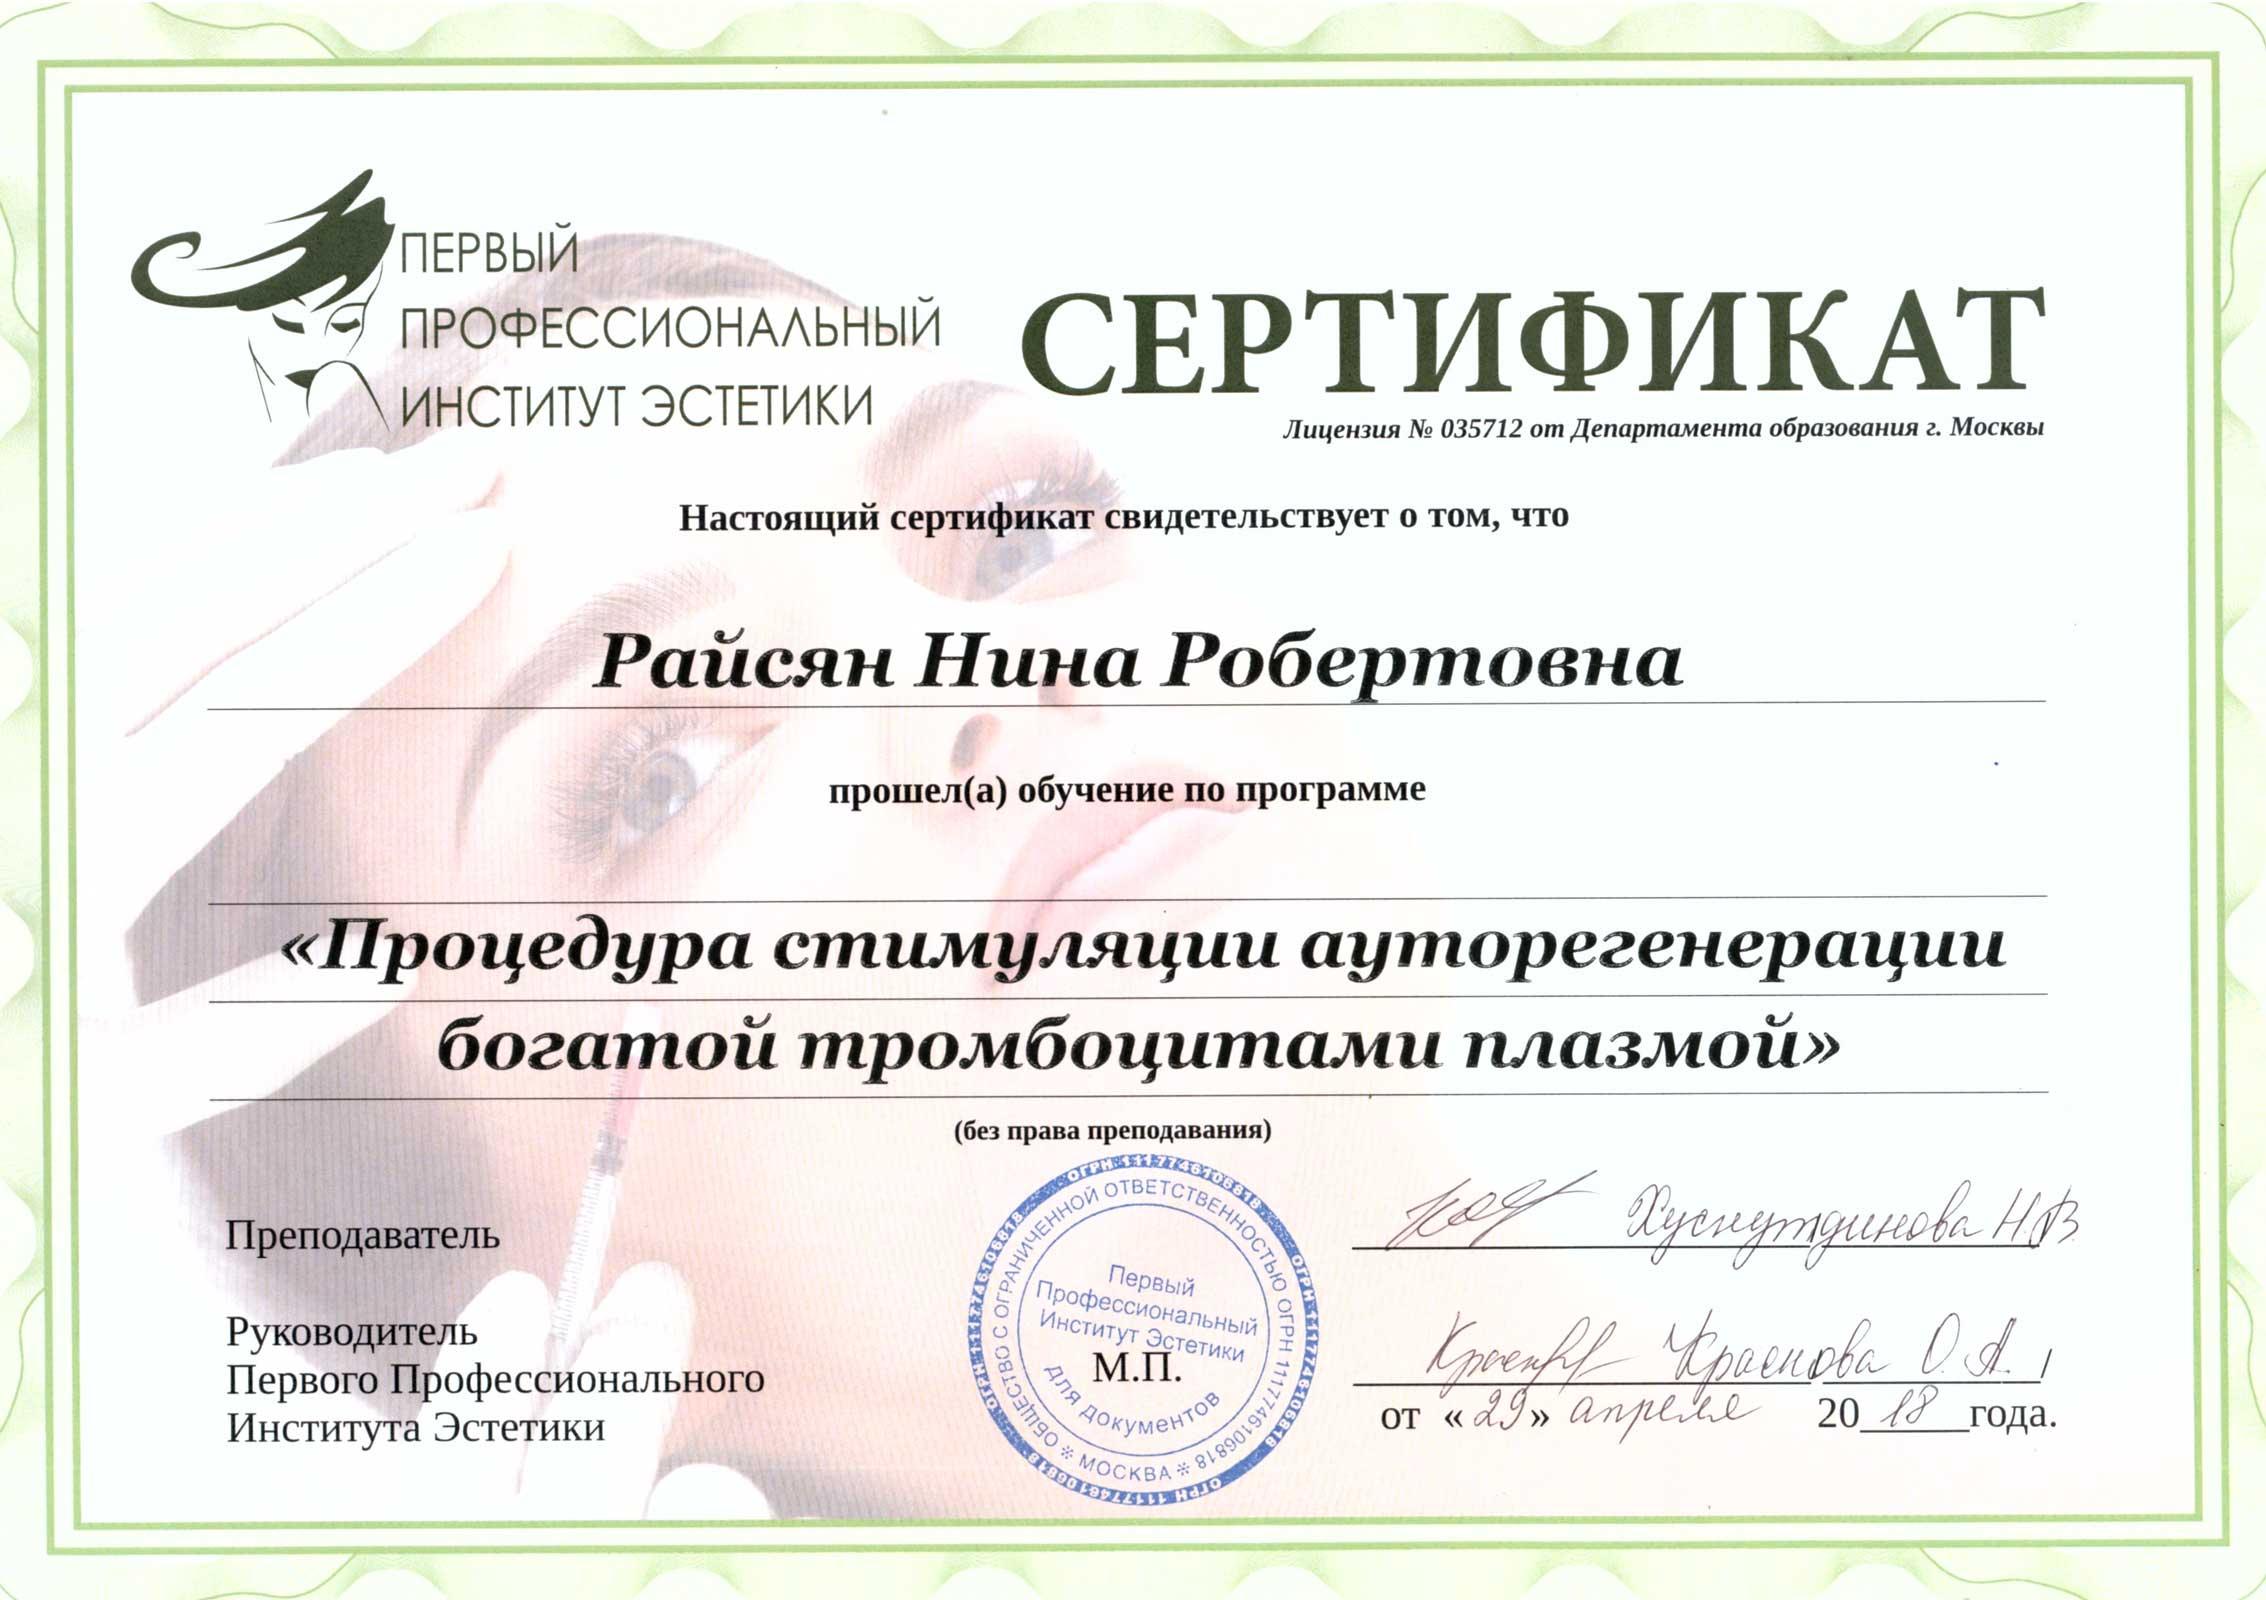 Сертификат о прохождении обучения процедуре плазмолифтинга Райсян Н.Р.